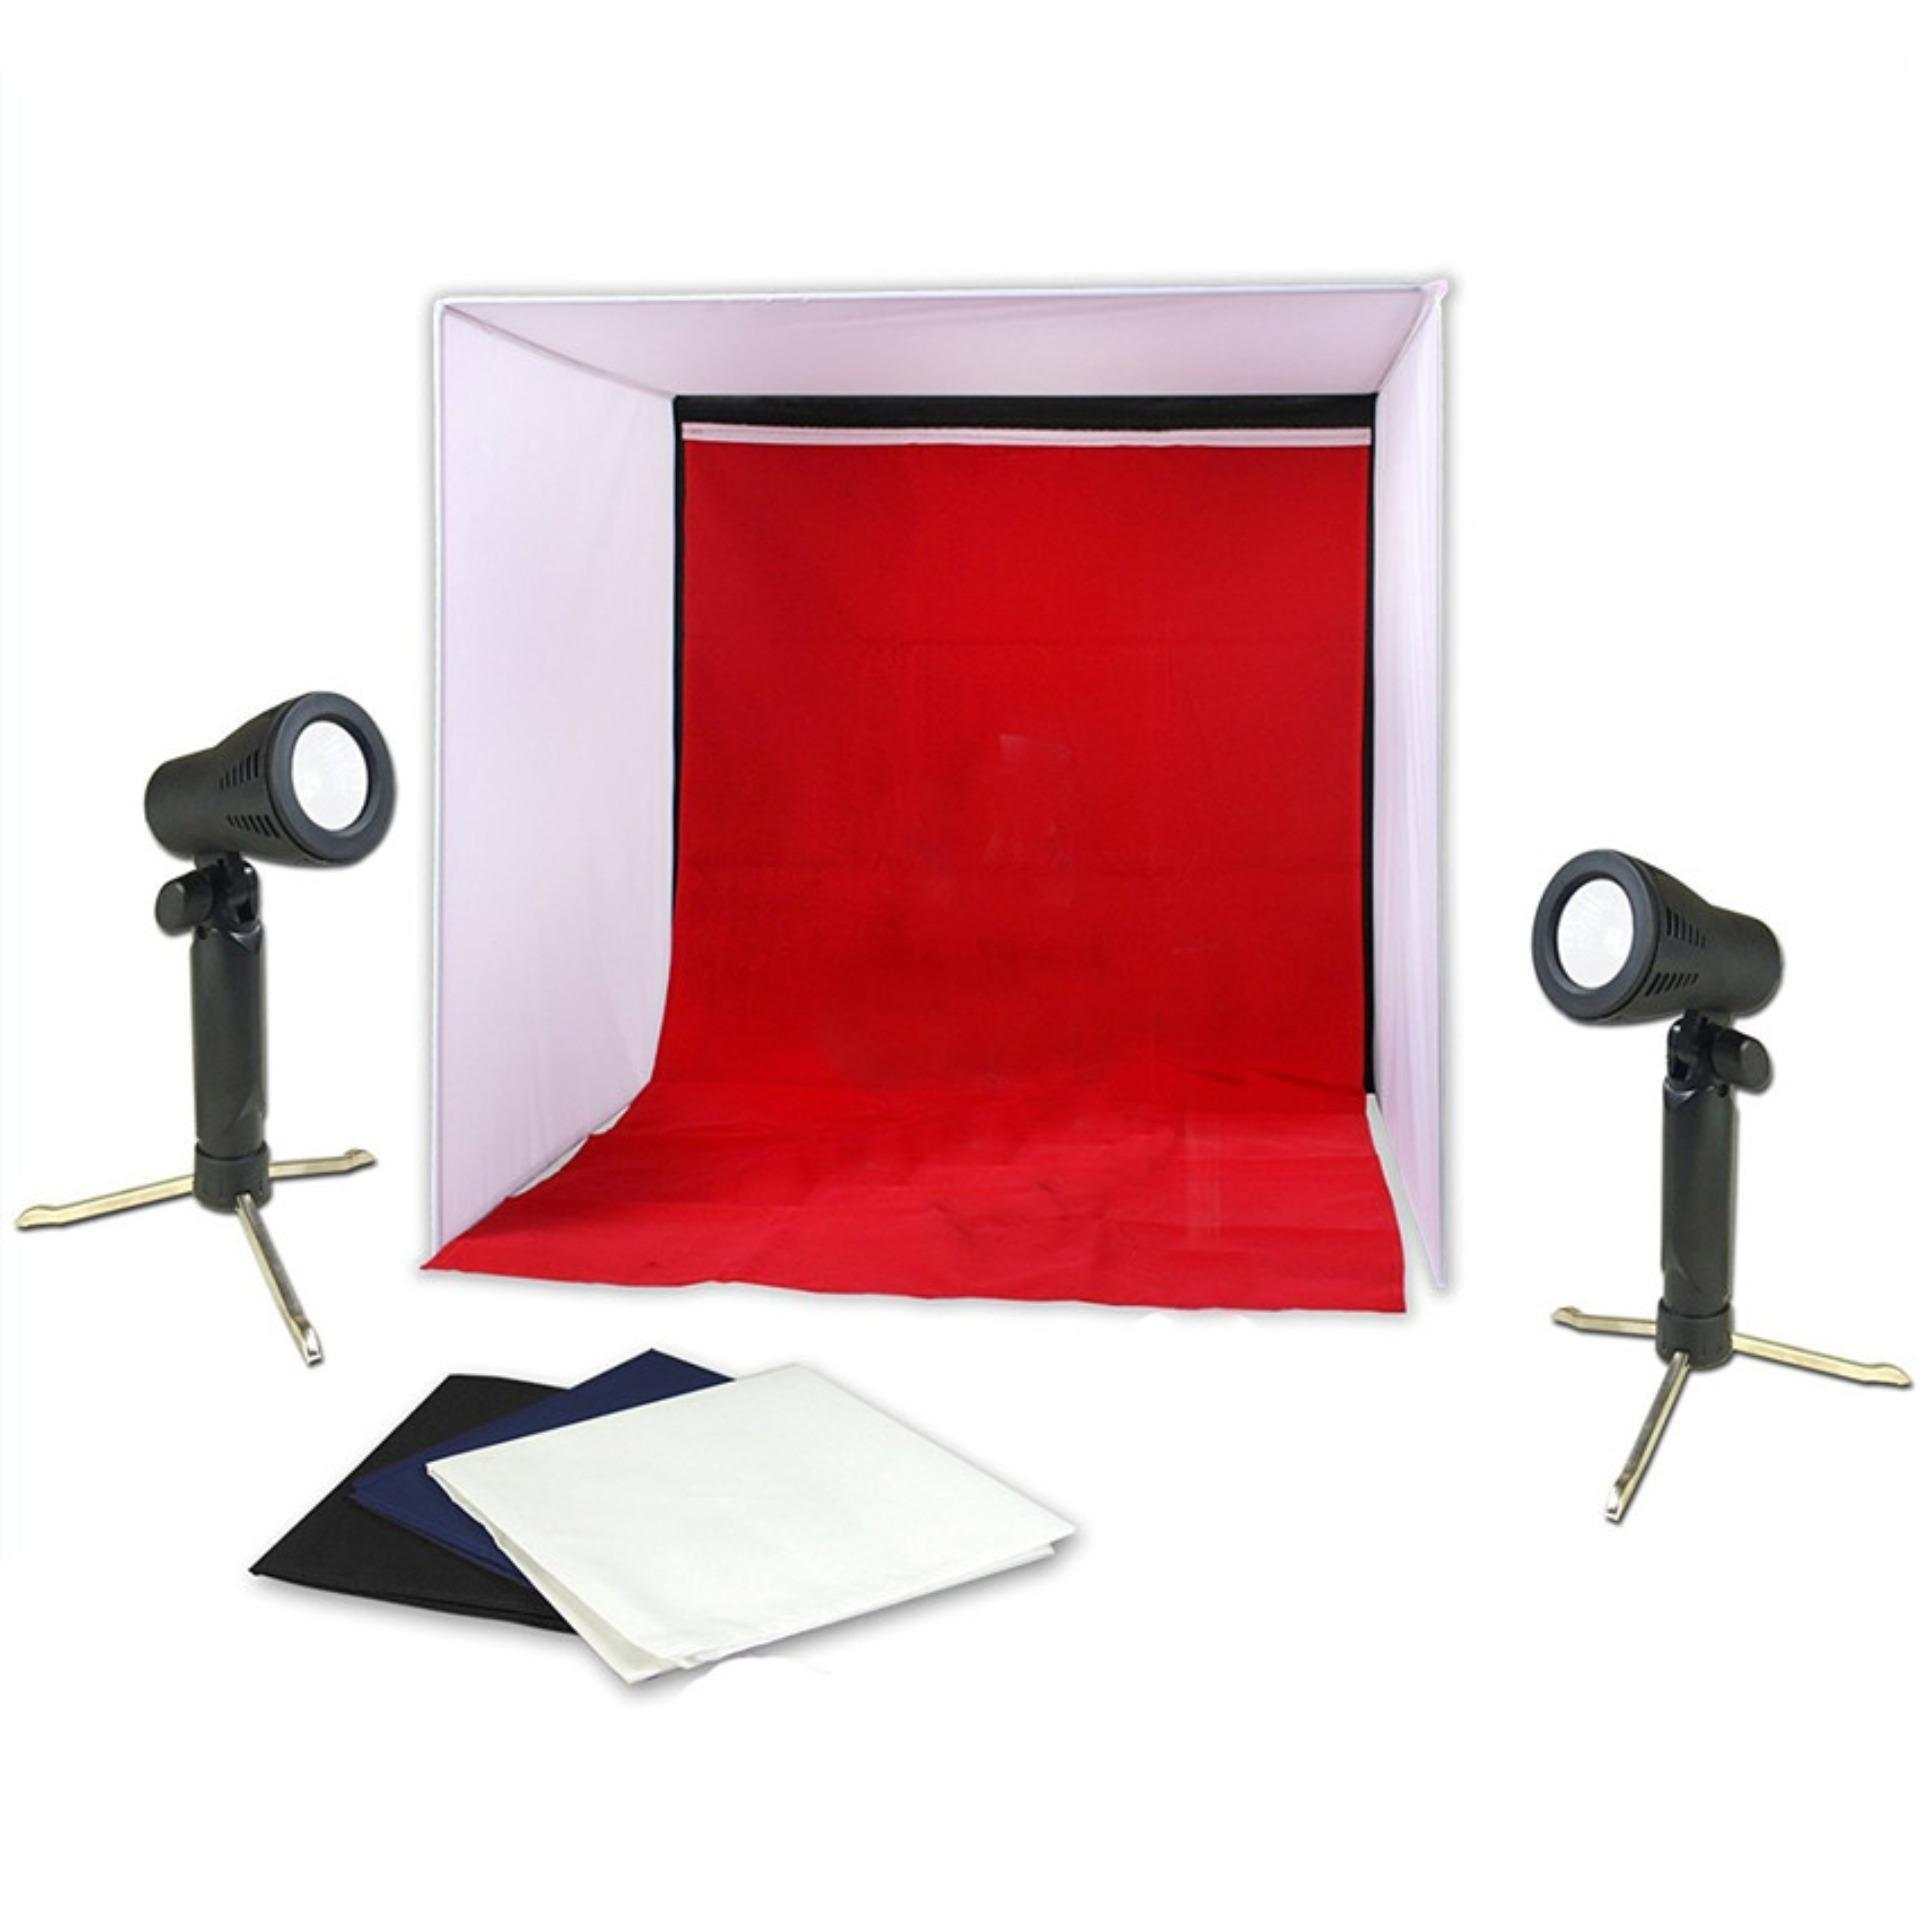 40*40 см складной мини светильник, софтбокс для фотостудии, светодиодный светильник, софтбокс для фотостудии, софтбокс для палатки, софтбокс, куб бокс-in Аксессуары для фотостудии from Бытовая электроника on AliExpress